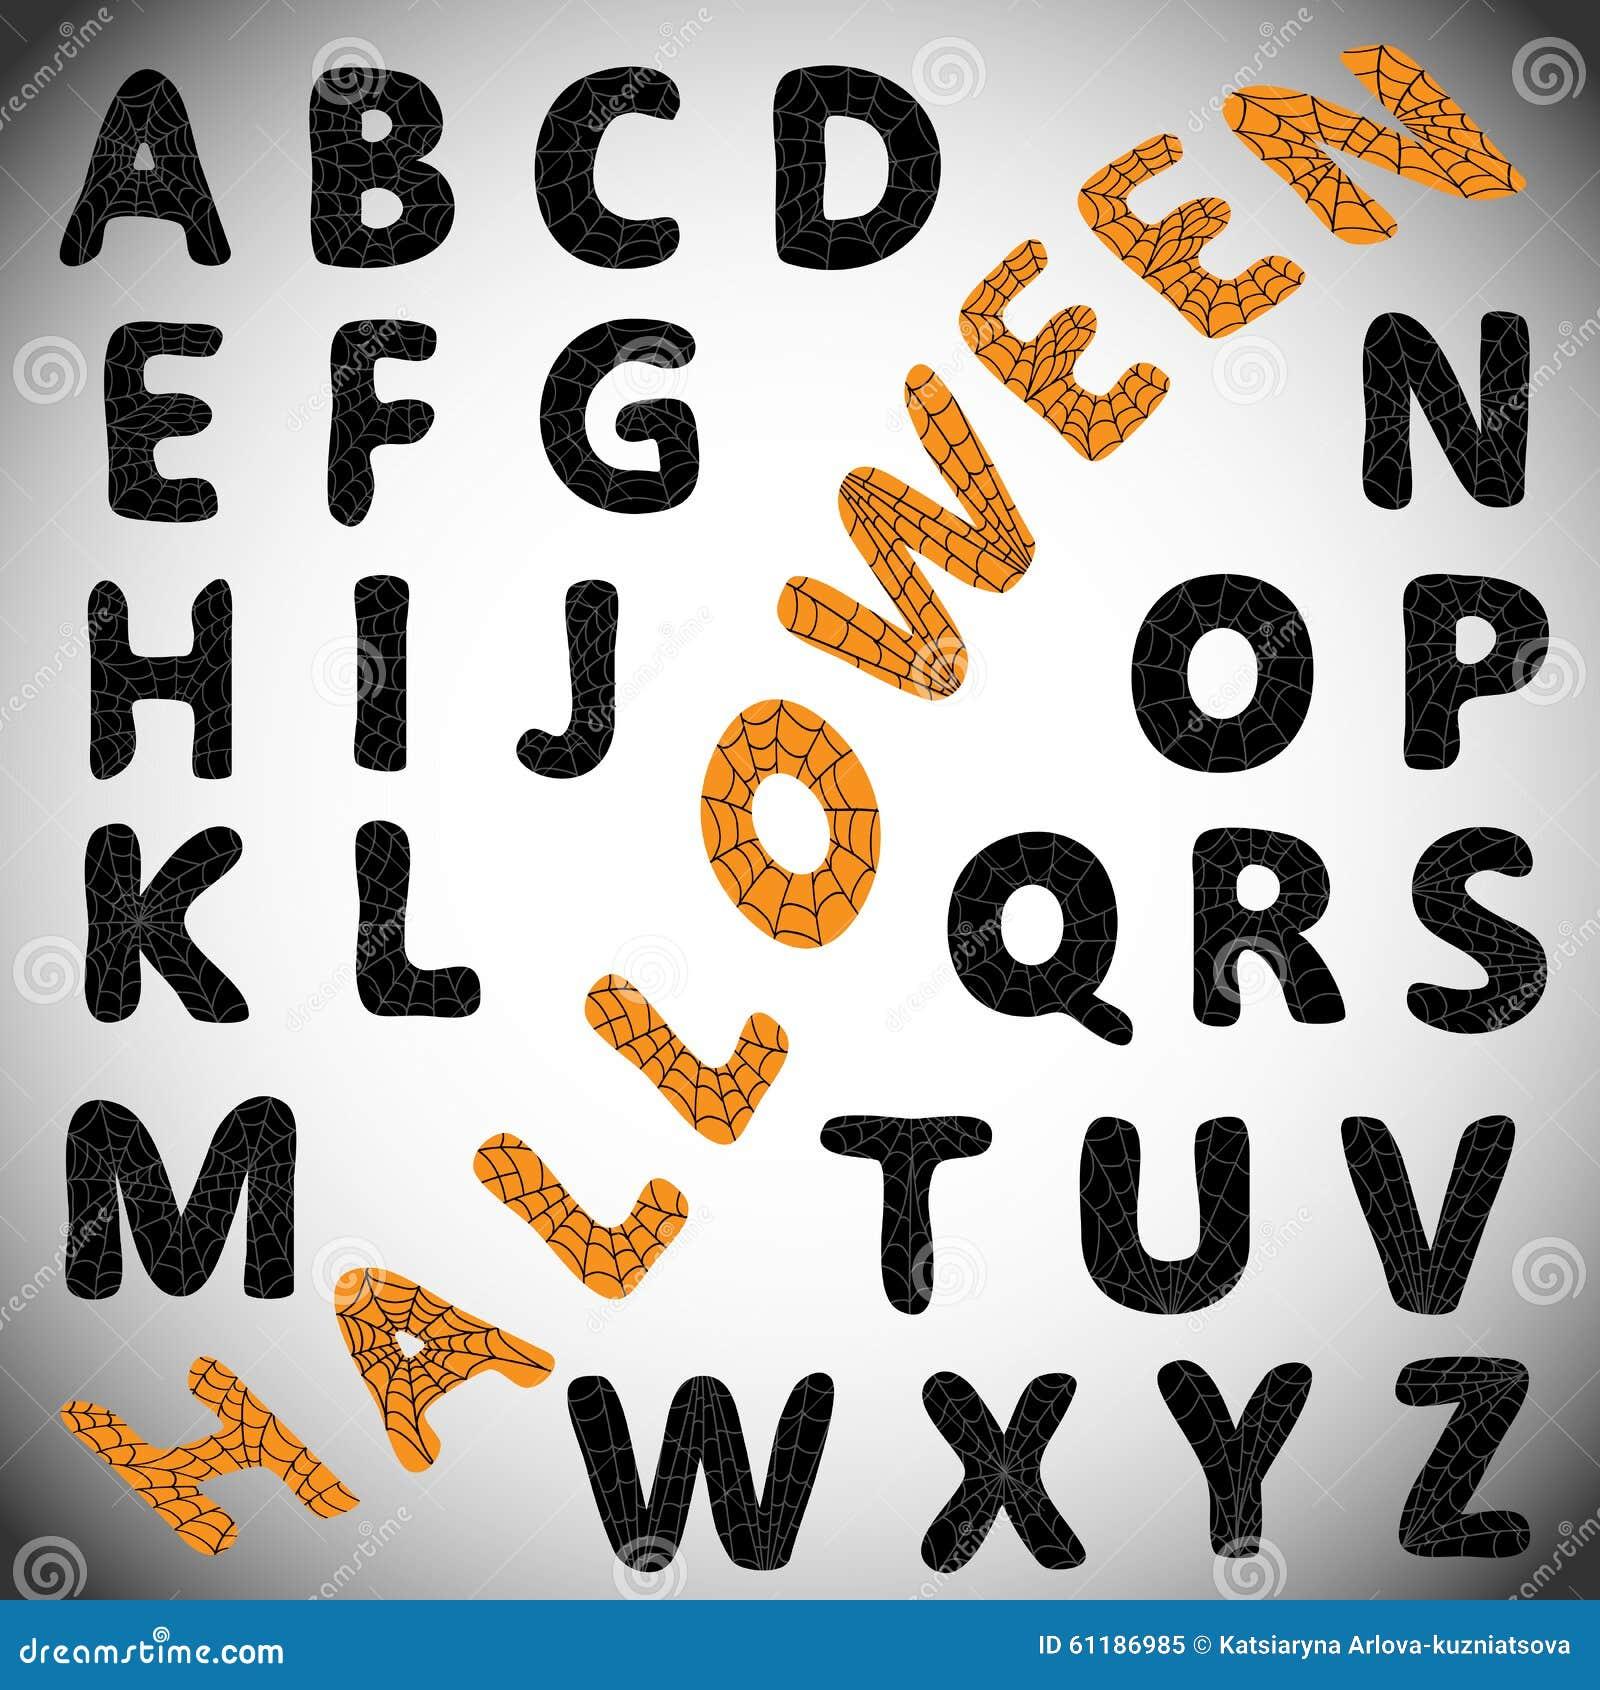 万圣夜字母表 与蜘蛛网的哥特式黑体字在他们上 能为贴纸,标签使用.图片